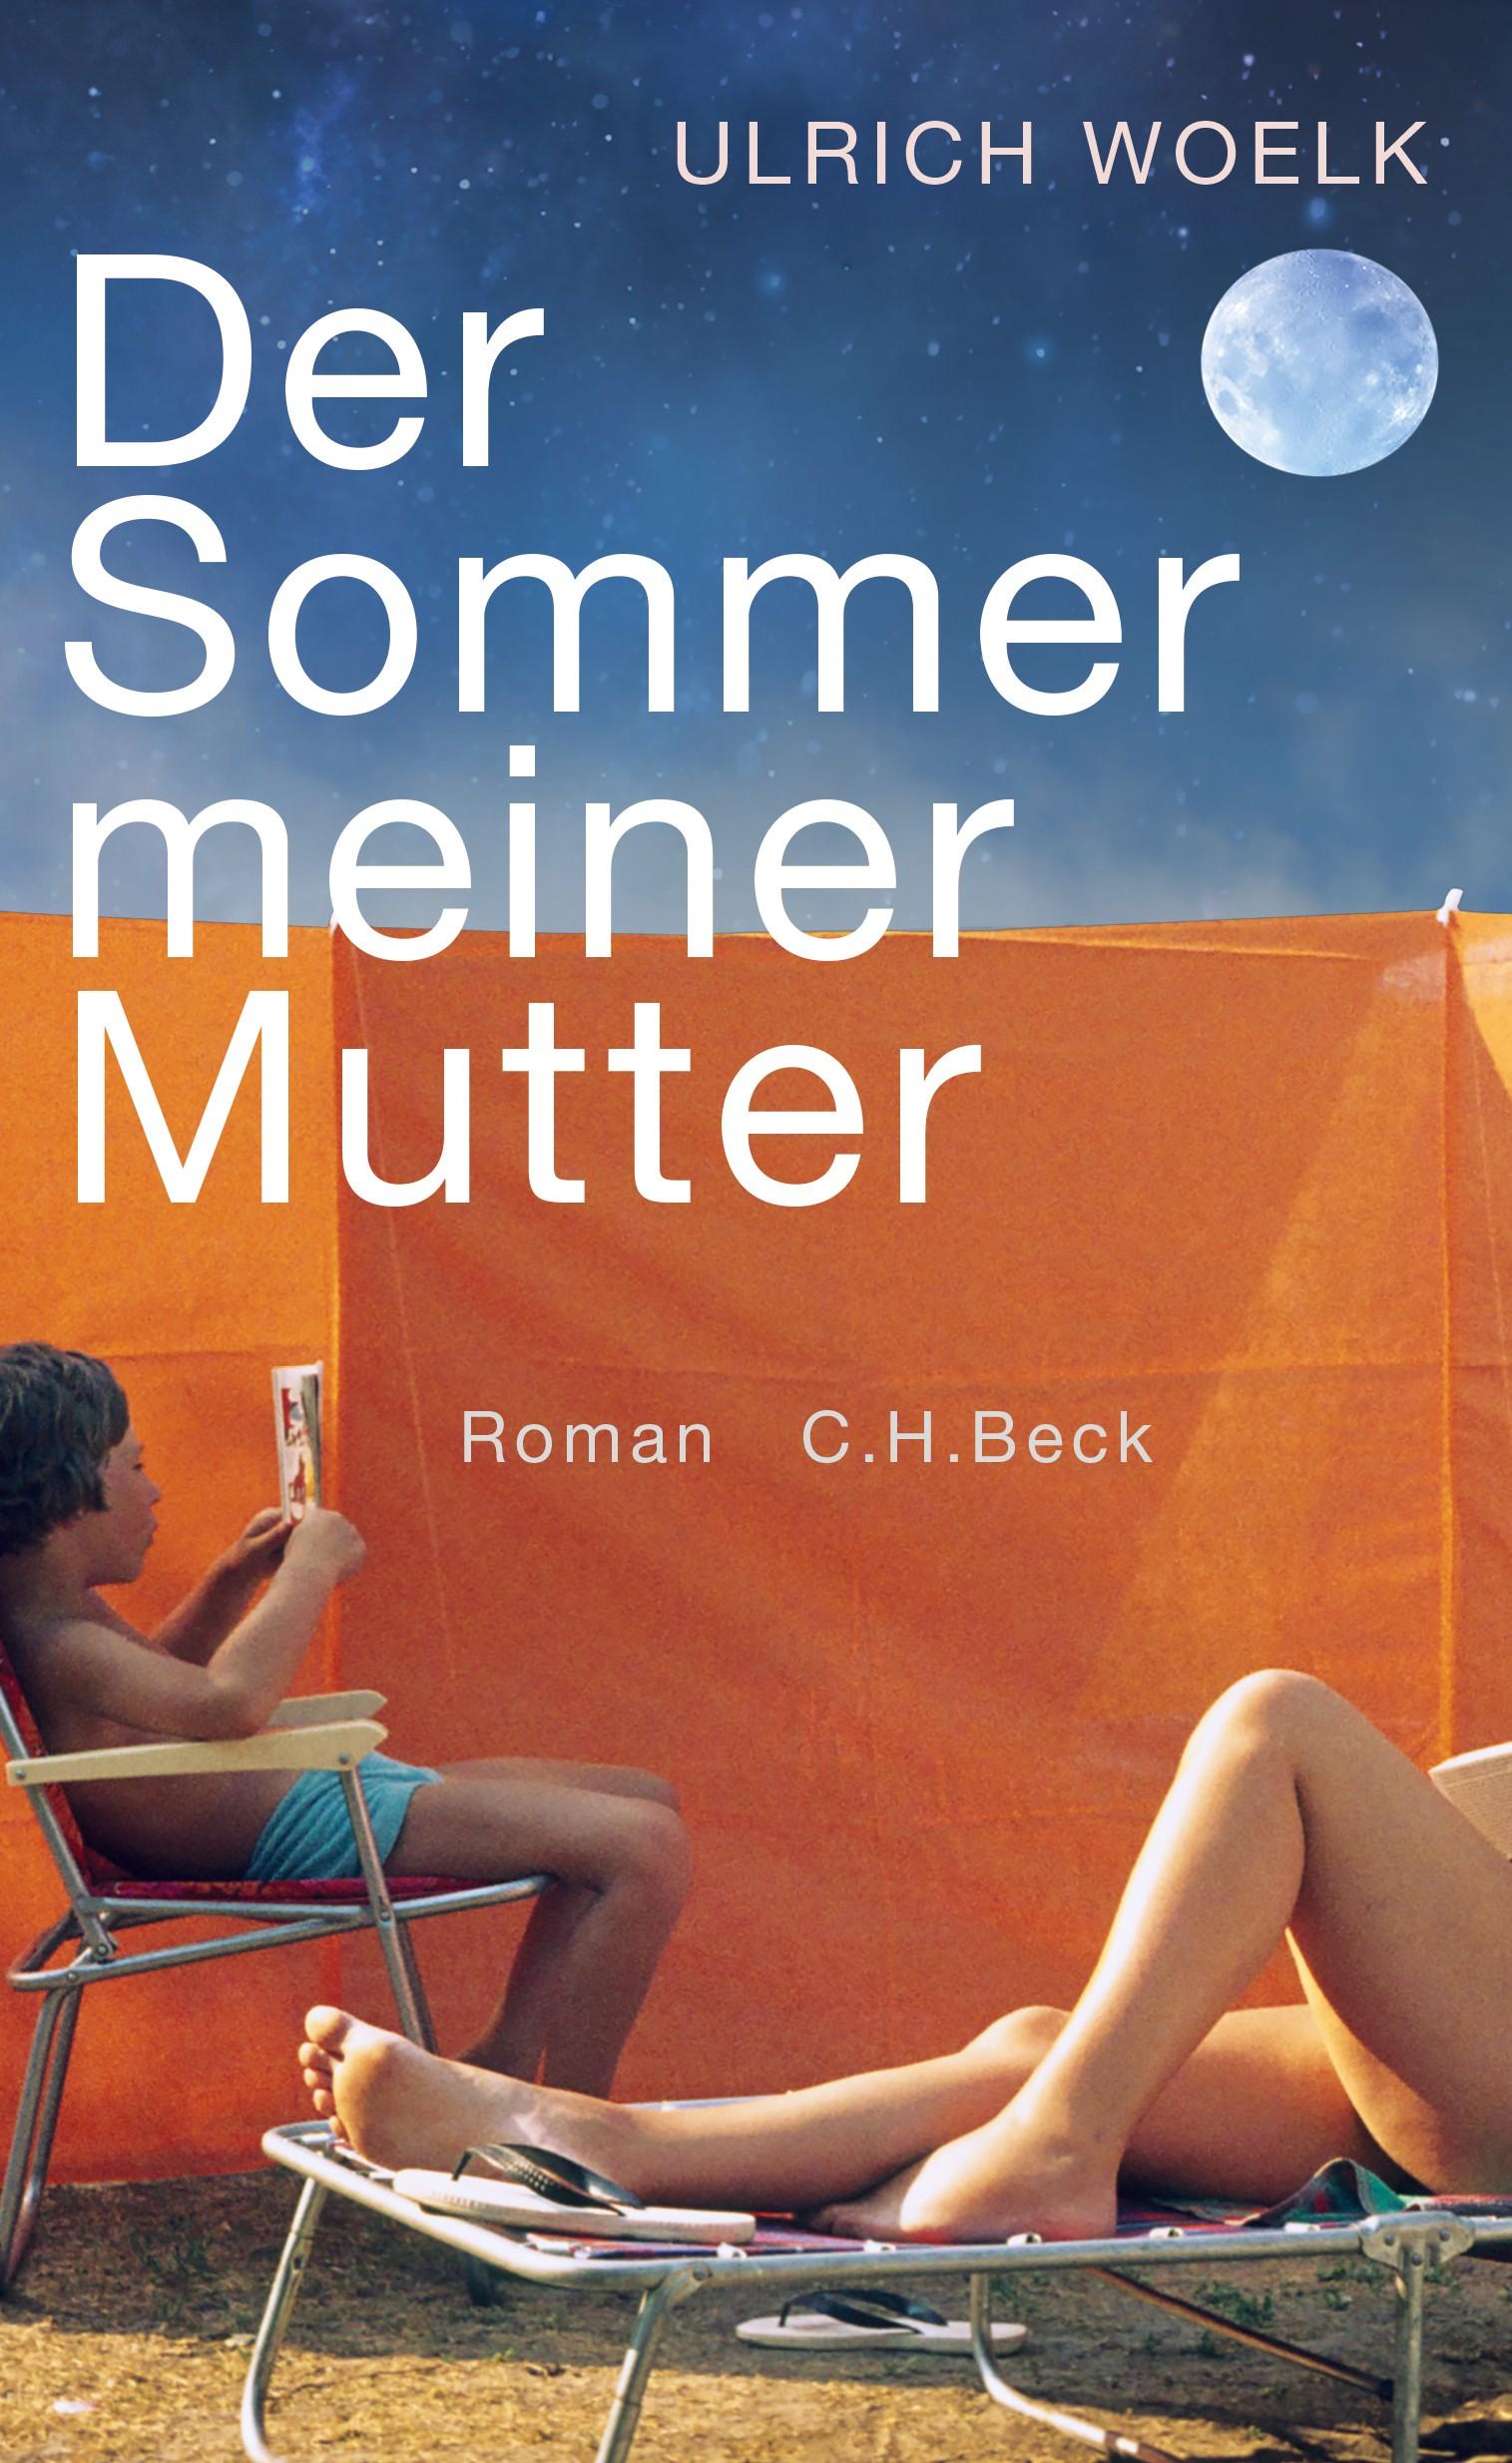 Der Sommer meiner Mutter   Woelk, Ulrich, 2019   Buch (Cover)